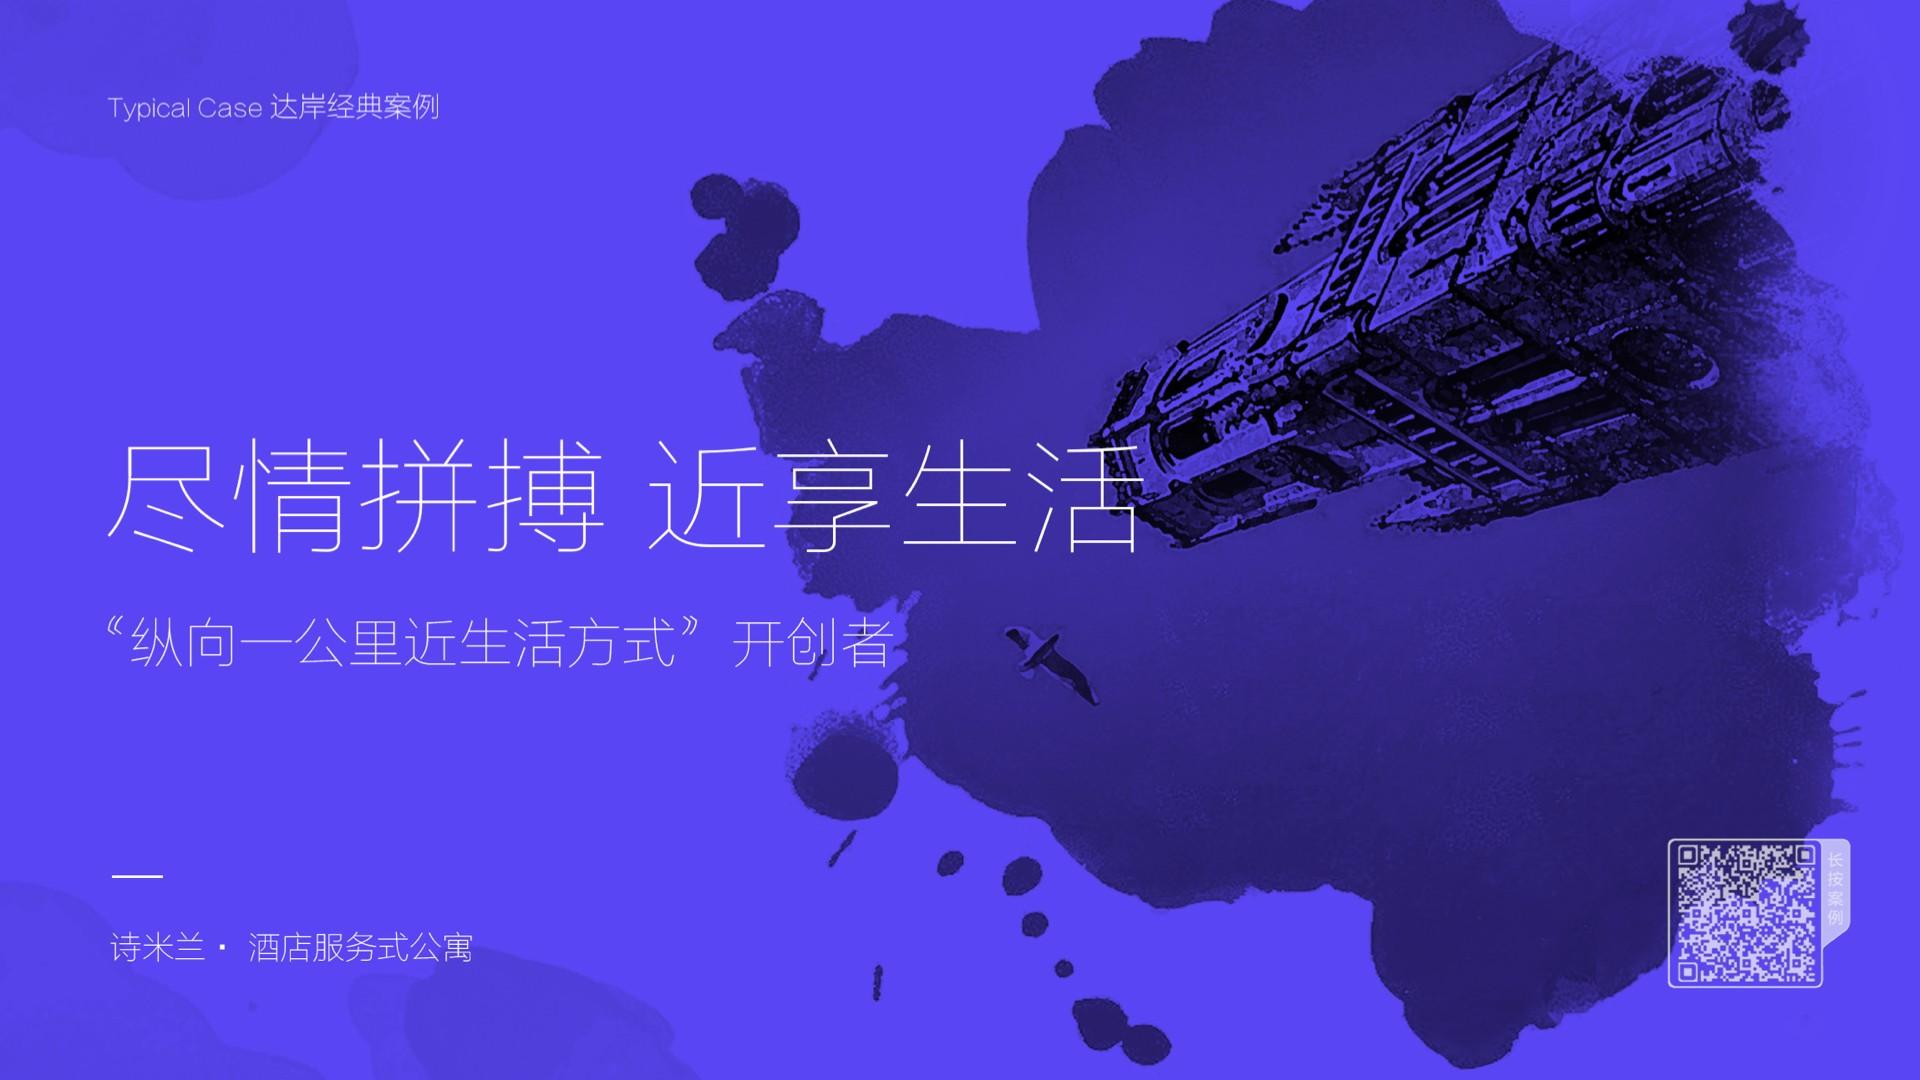 【公司-企业介绍】达岸品牌营销20200526.011